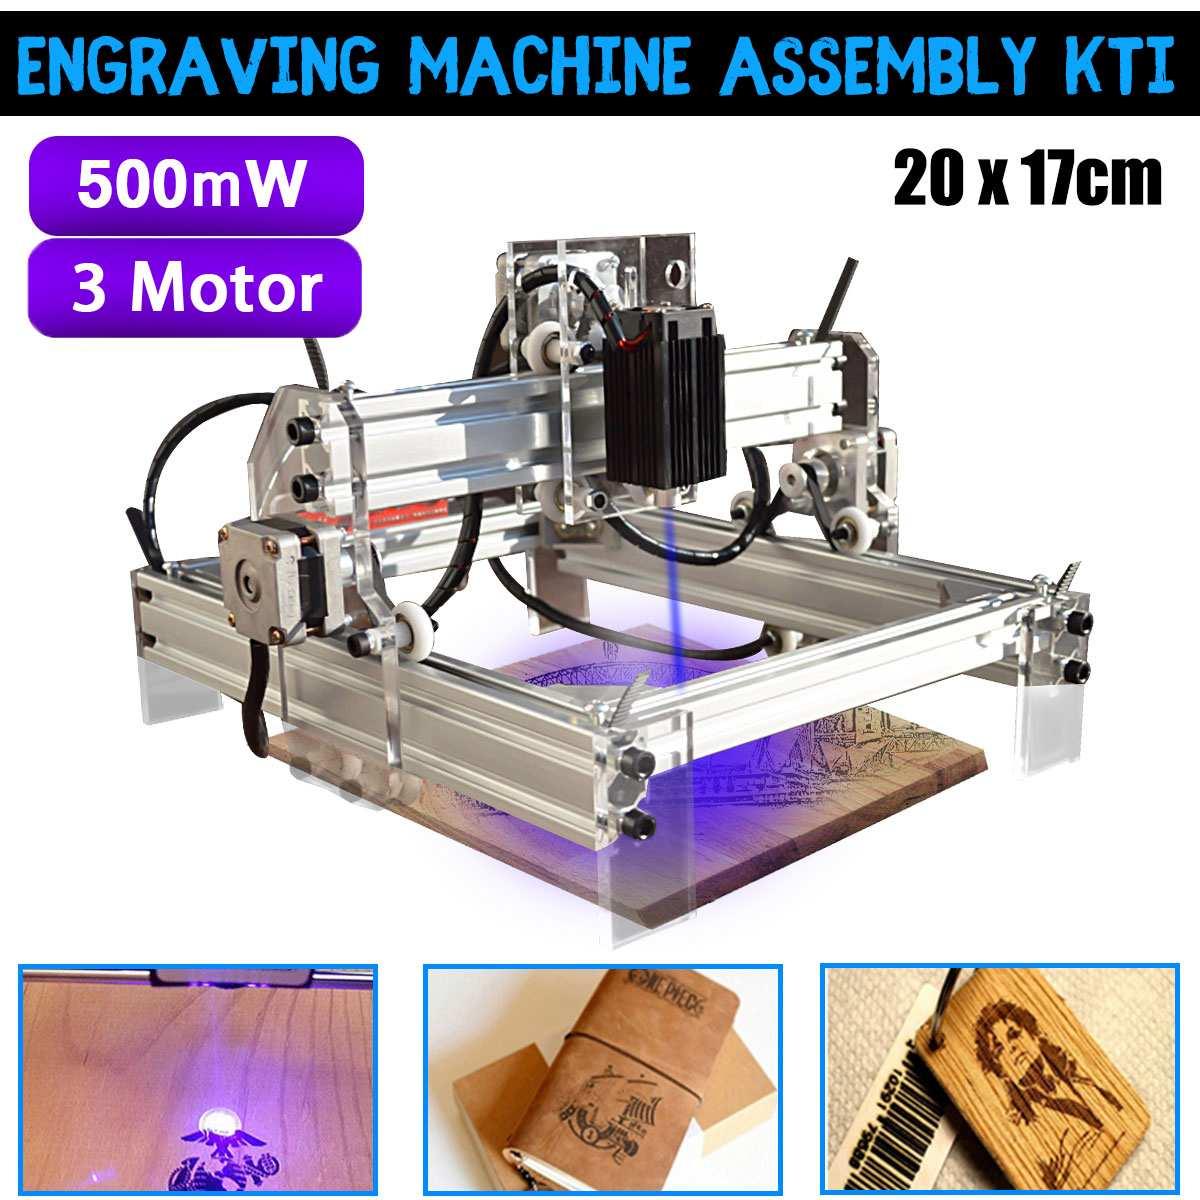 500 МВт Настольный лазерный гравировальный гравер машина комплект DIY резак принтер 20x17 см фрезерный станок деревянный маршрутизатор